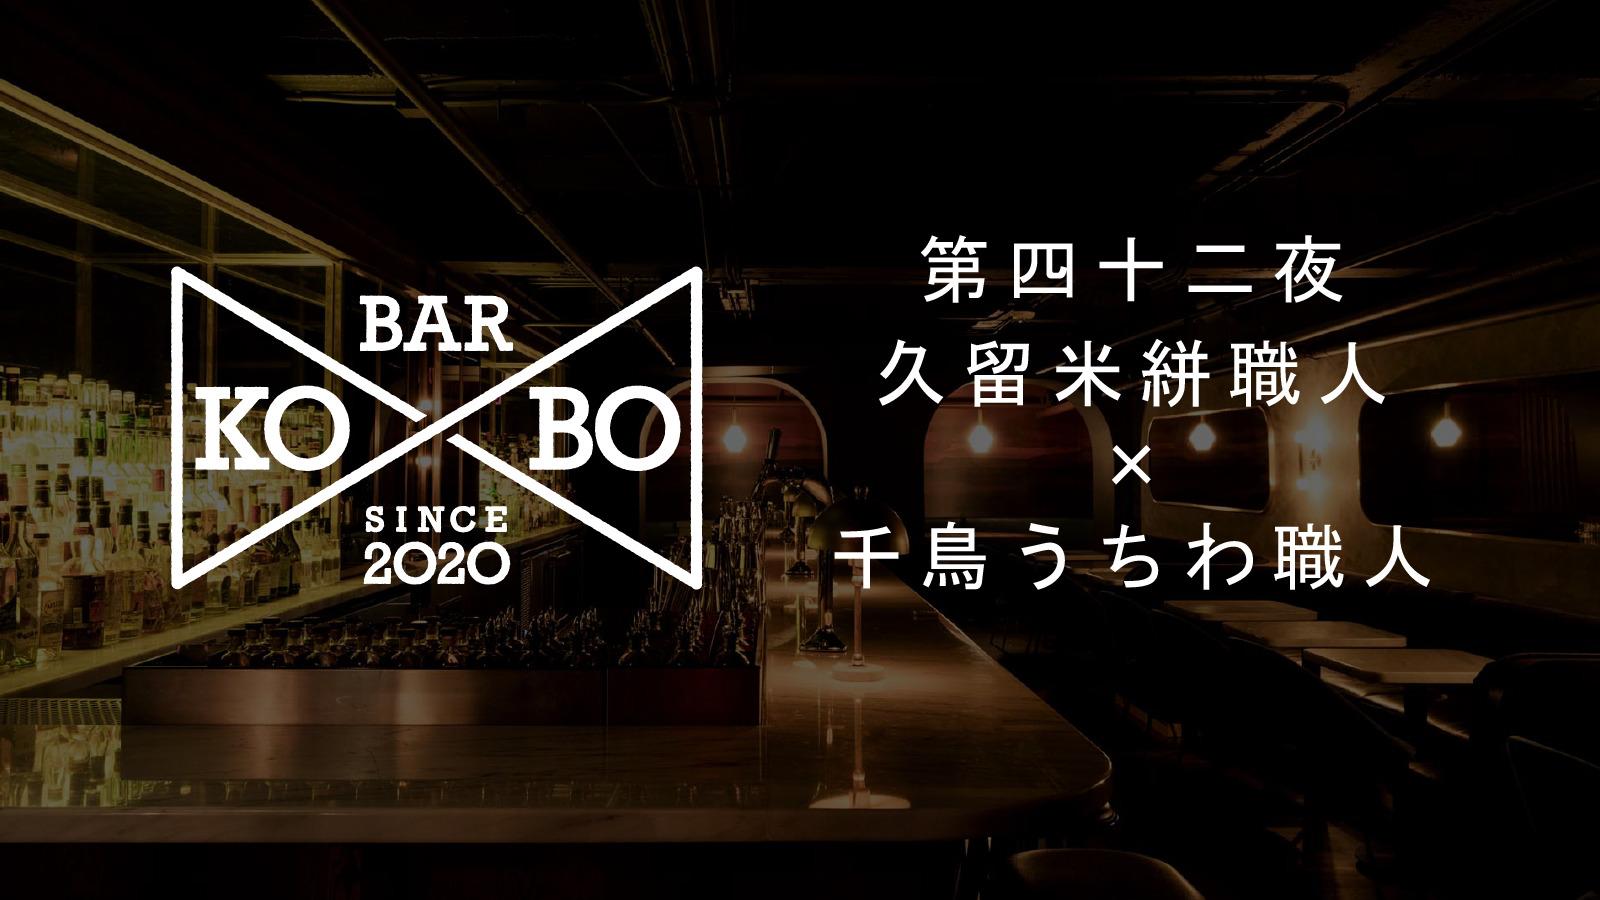 【Bar KO-BO 第四十二夜】久留米絣職人×千鳥うちわ職人